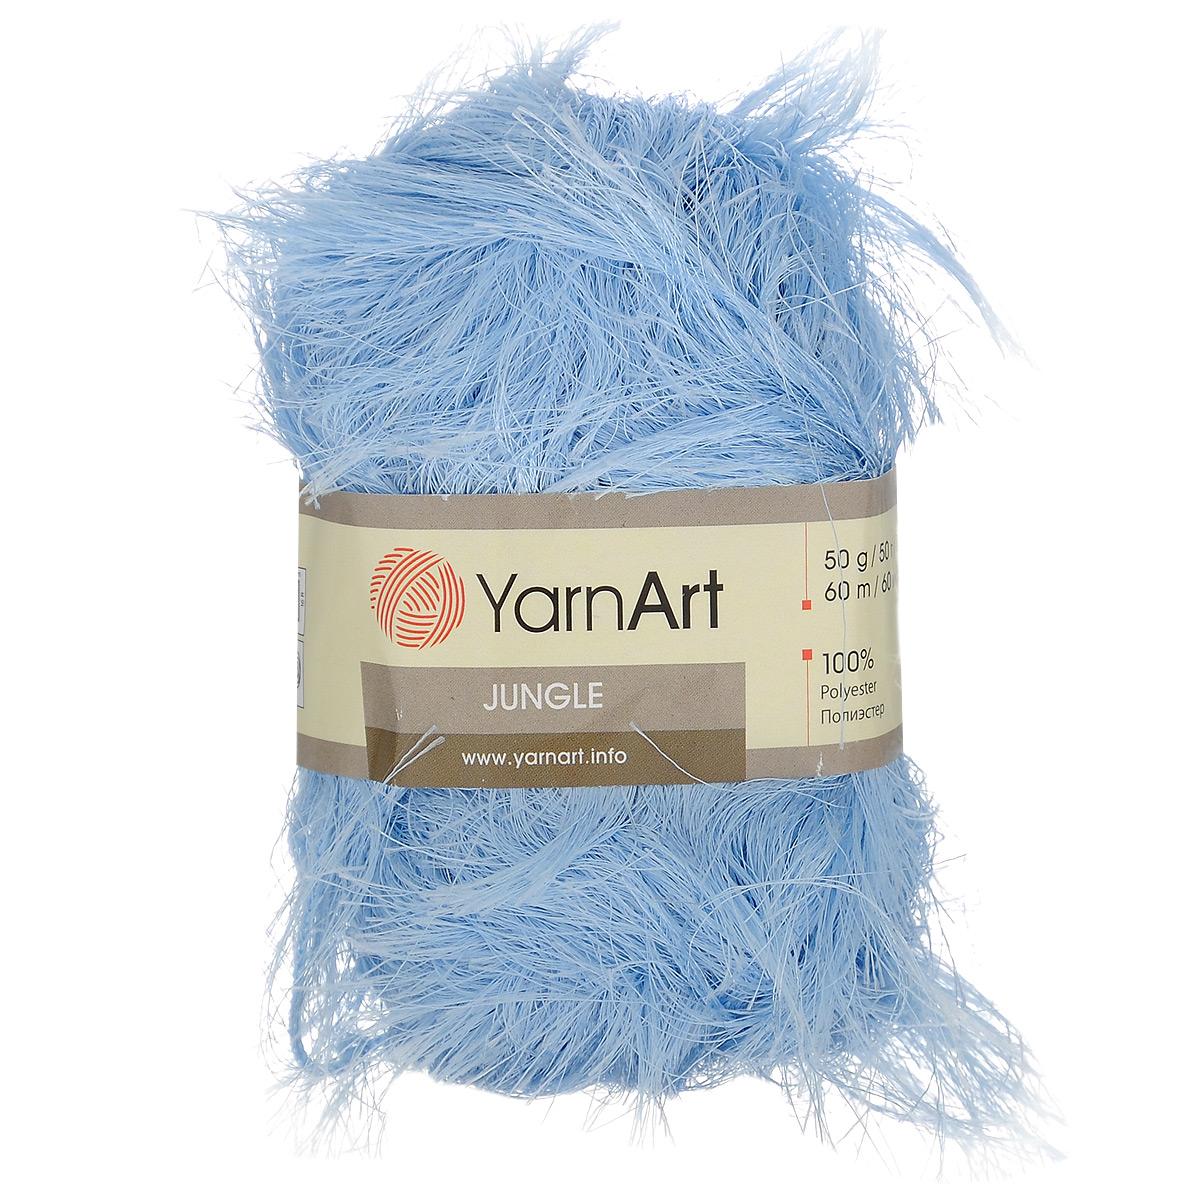 Пряжа для вязания YarnArt Jungle, цвет: голубой (04), 60 м, 50 г, 10 шт372055_04Пряжа для вязания YarnArt Jungle изготовлена из полиэстера. Пряжа-травка предназначена для ручного вязания и идеально подходит для отделки. Готовый ворс получается равным 4 см. Рекомендованные спицы и крючок для вязания 6 мм. Комплектация: 10 мотков. Состав: 100% полиэстер.